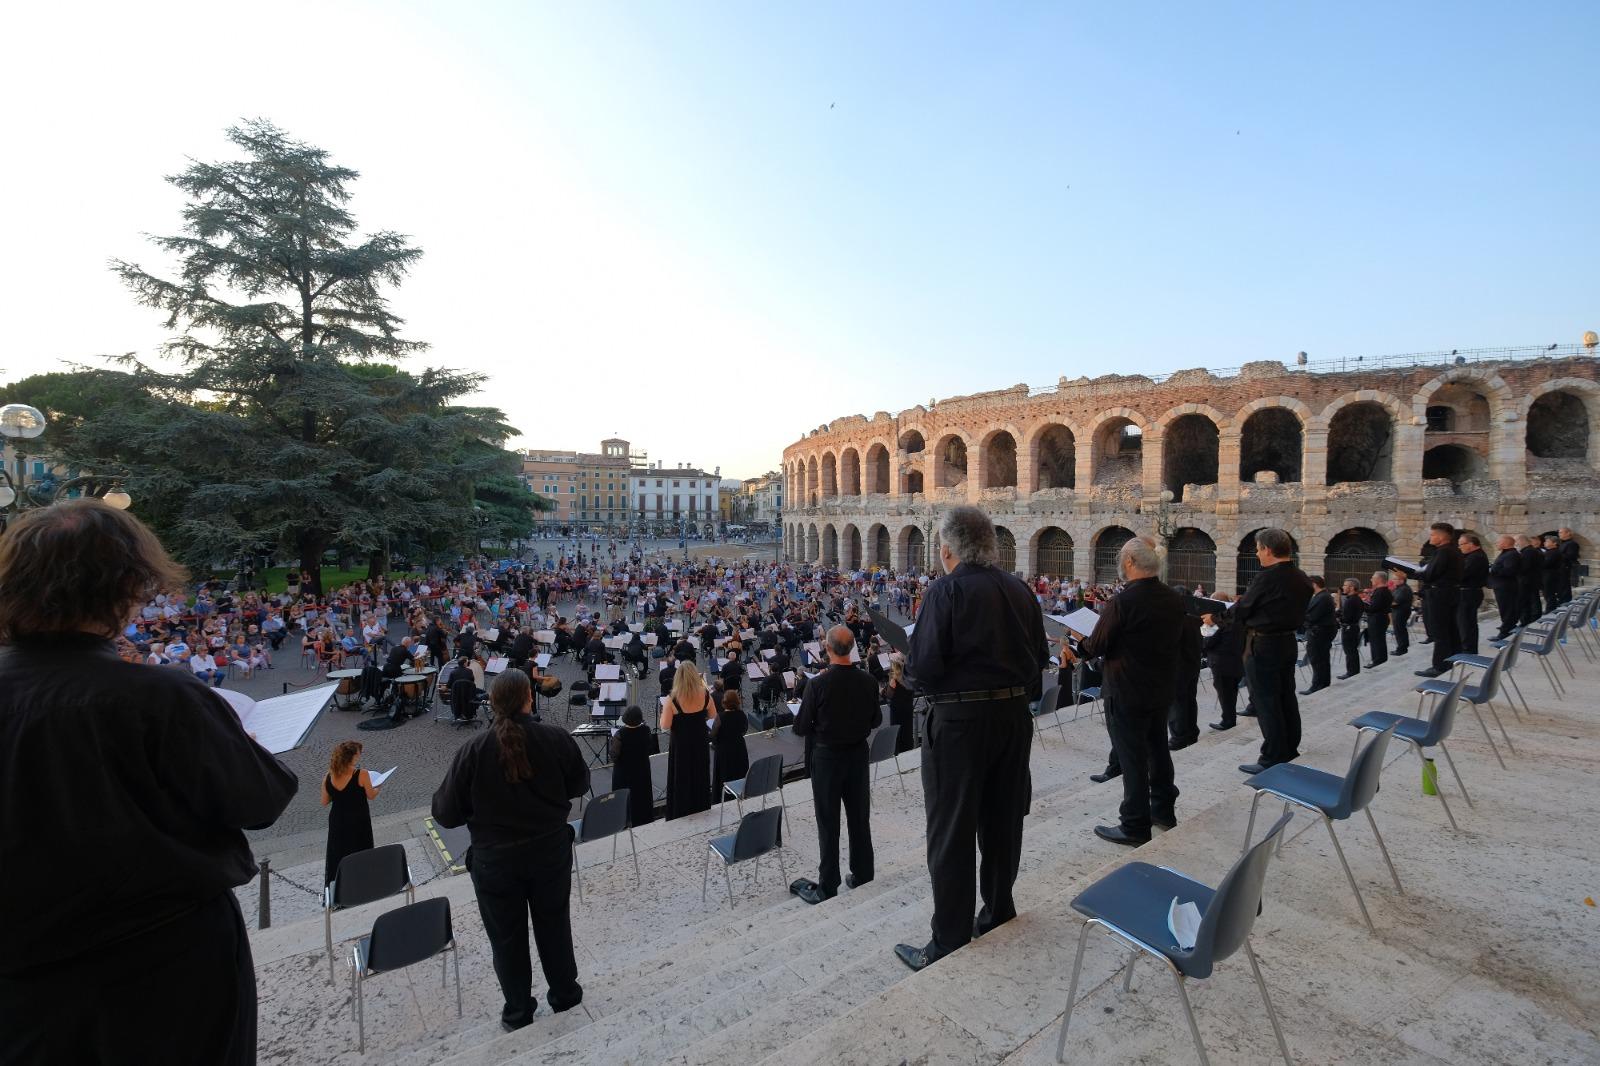 Concerto straordinario ad ingresso libero in Piazza Bra